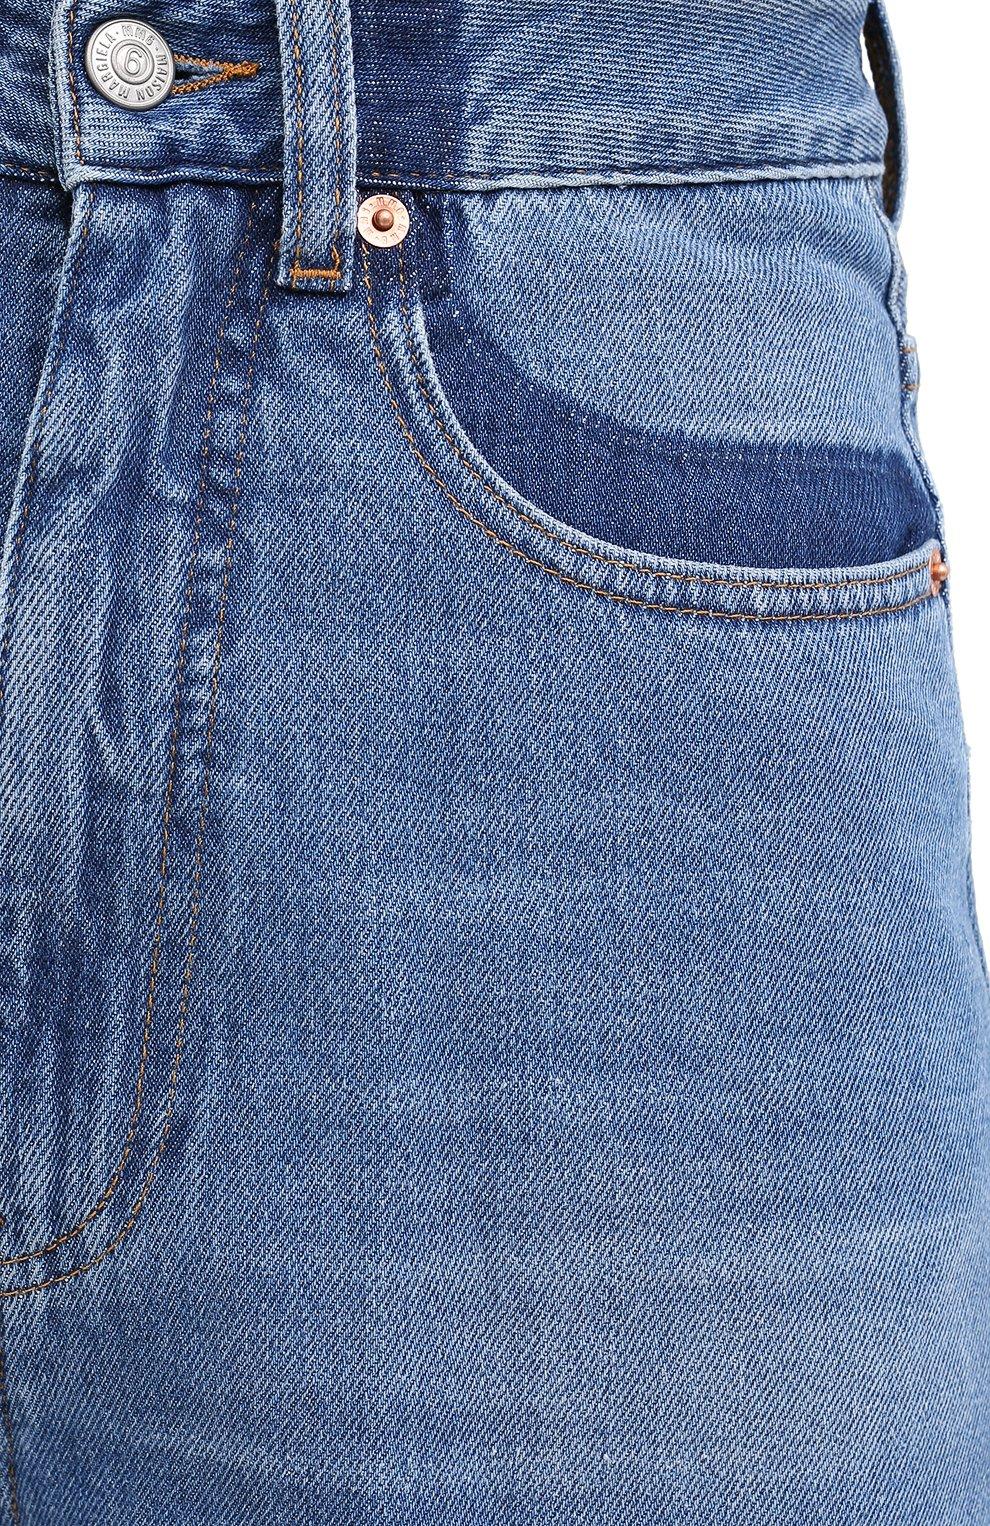 Женские джинсы MM6 синего цвета, арт. S52LA0141/S30460 | Фото 5